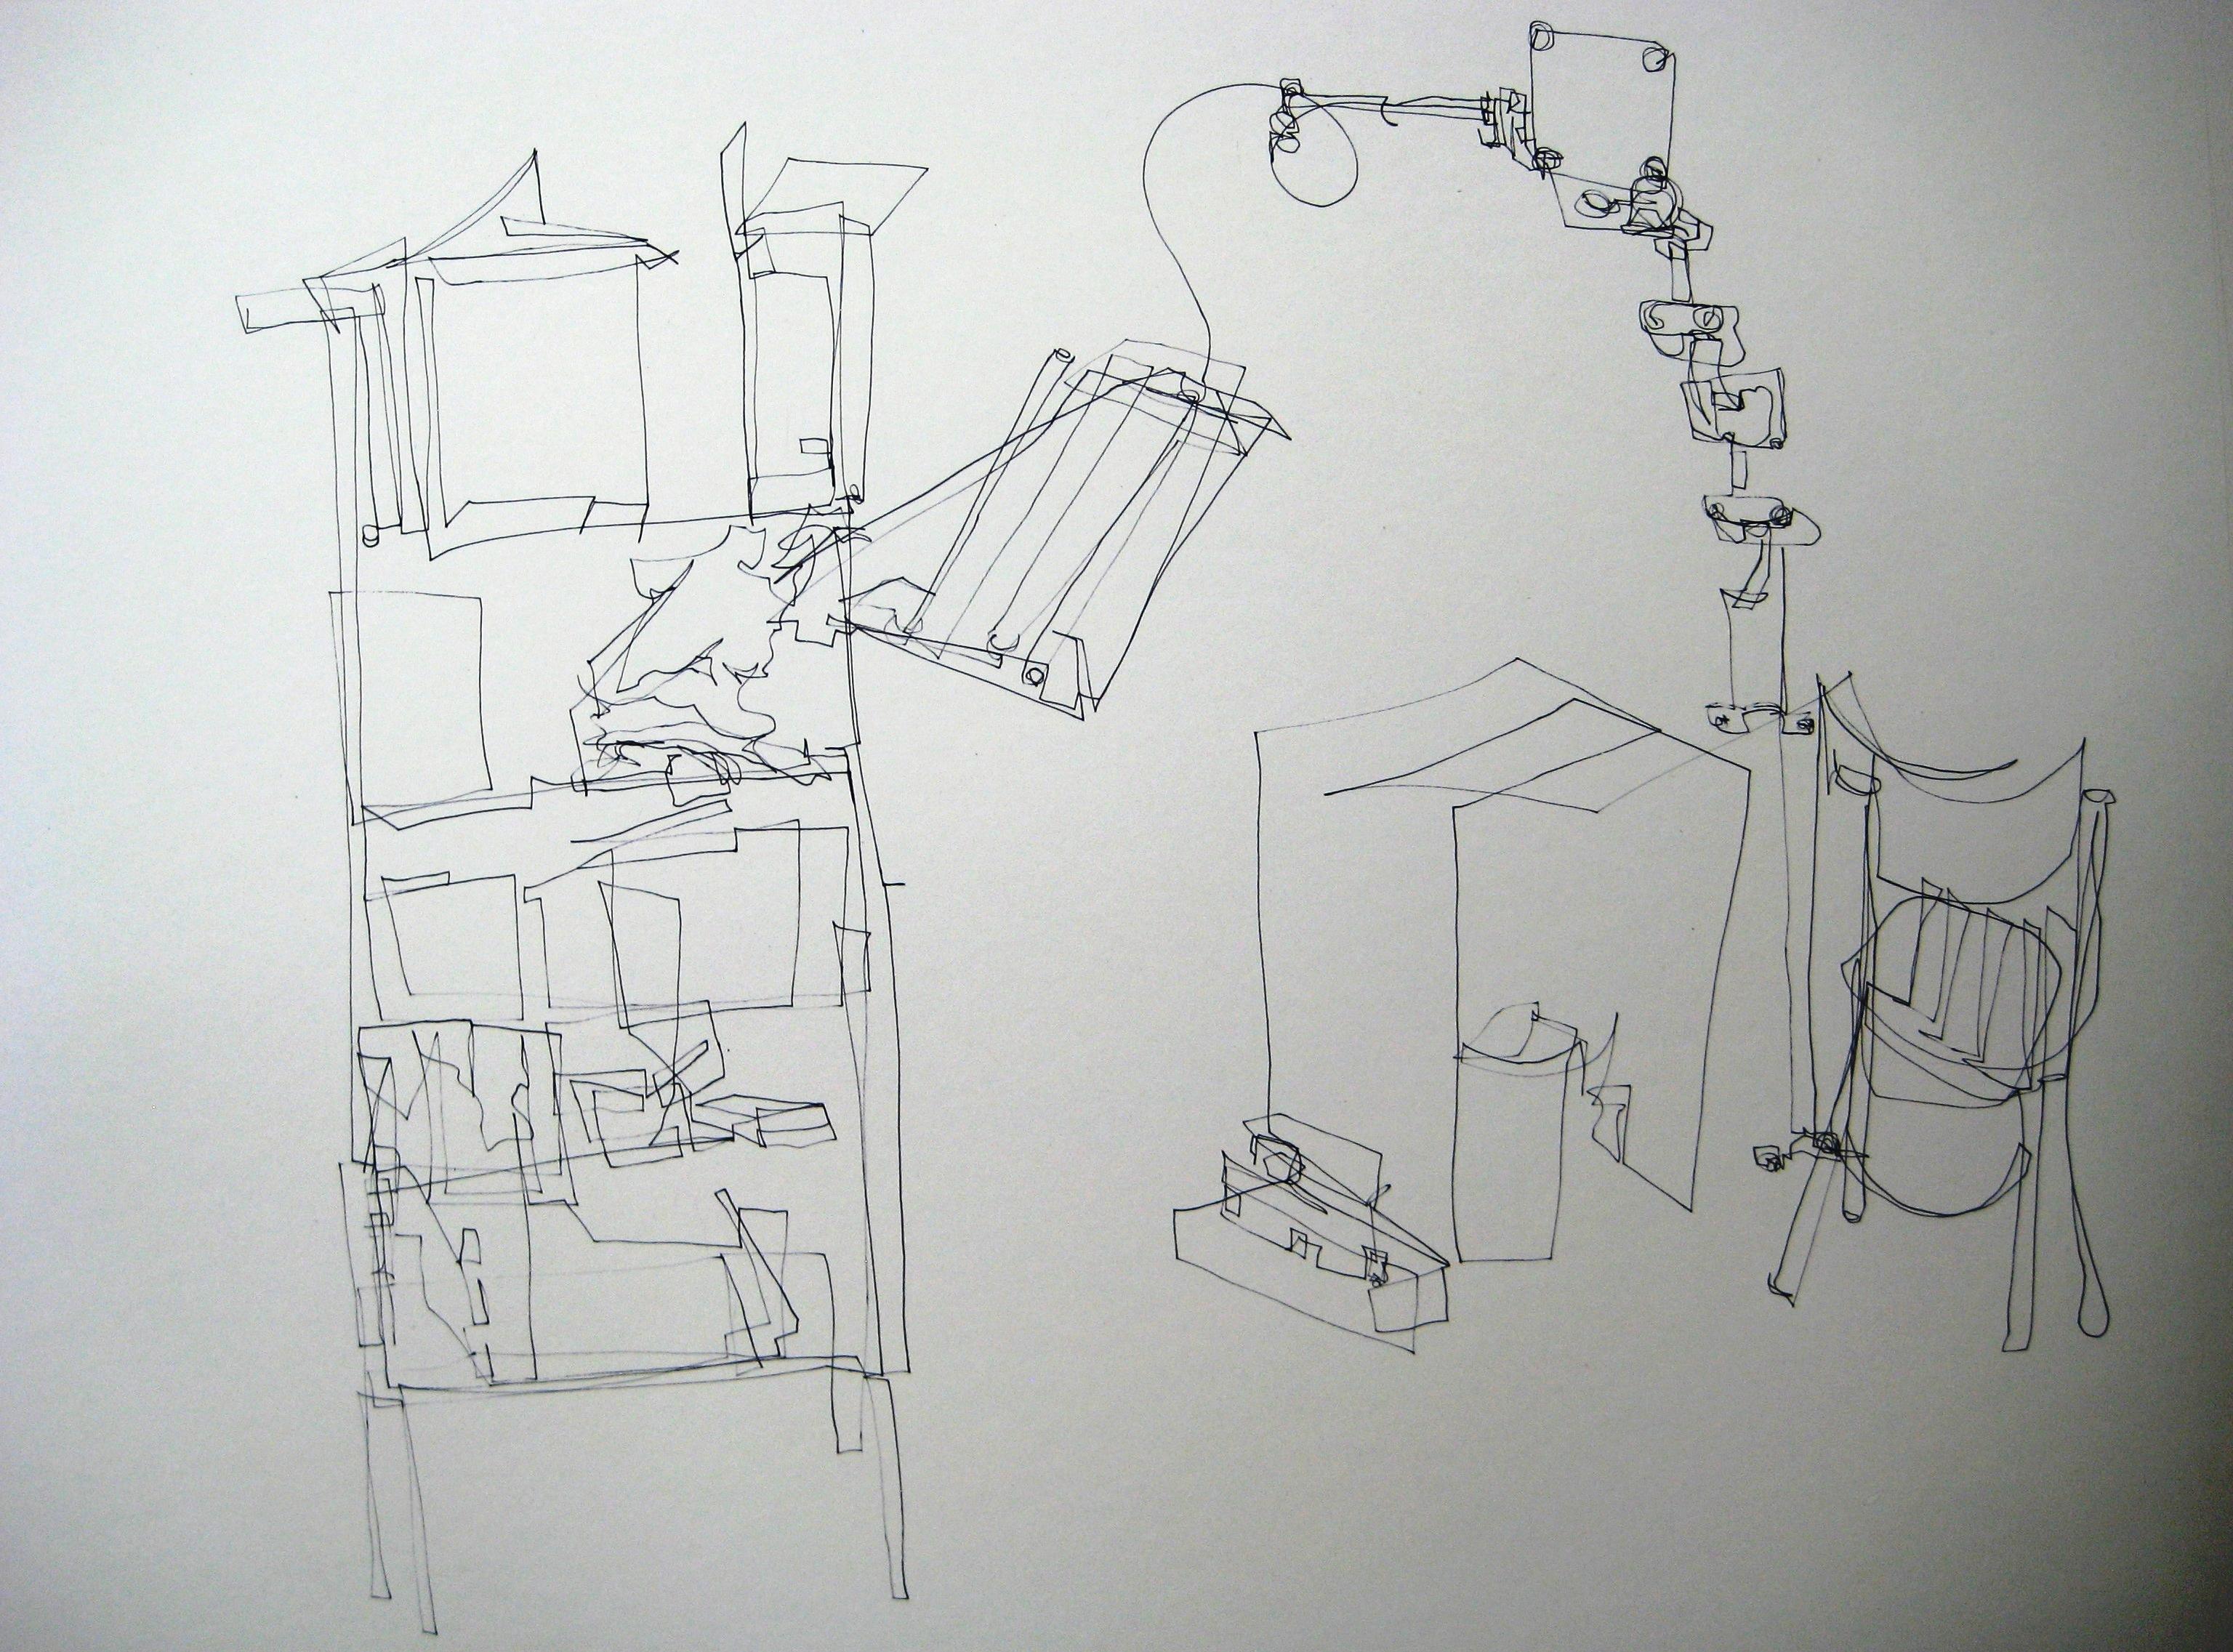 Interieur 1, 2010, 1lijntekening, fineliner